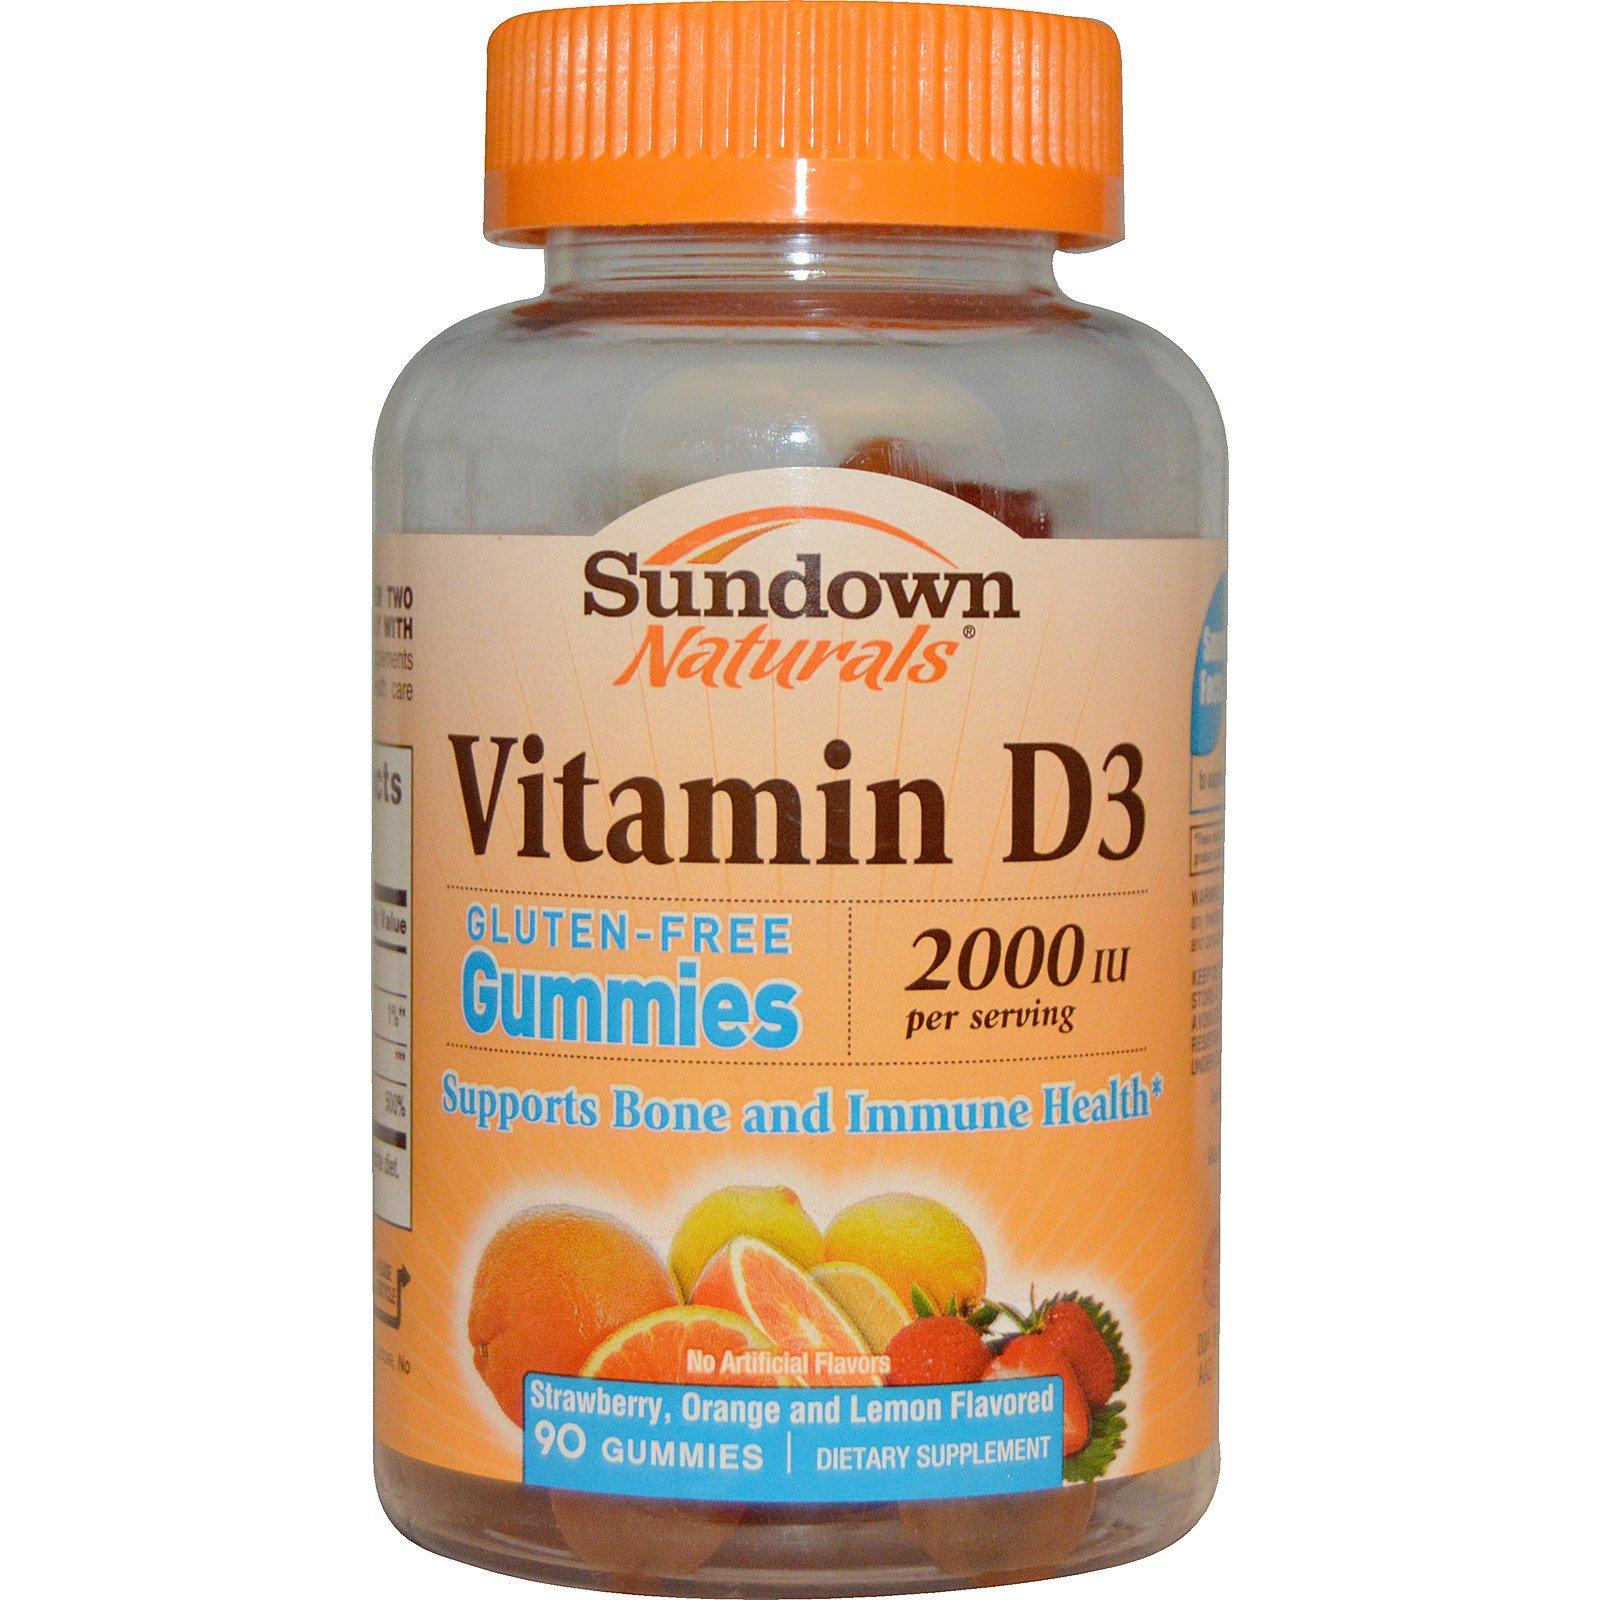 Sundown Naturals, Витамин D3, со вкусом клубники, апельсина и лимона, 2000 МЕ, 90 желейных витаминов